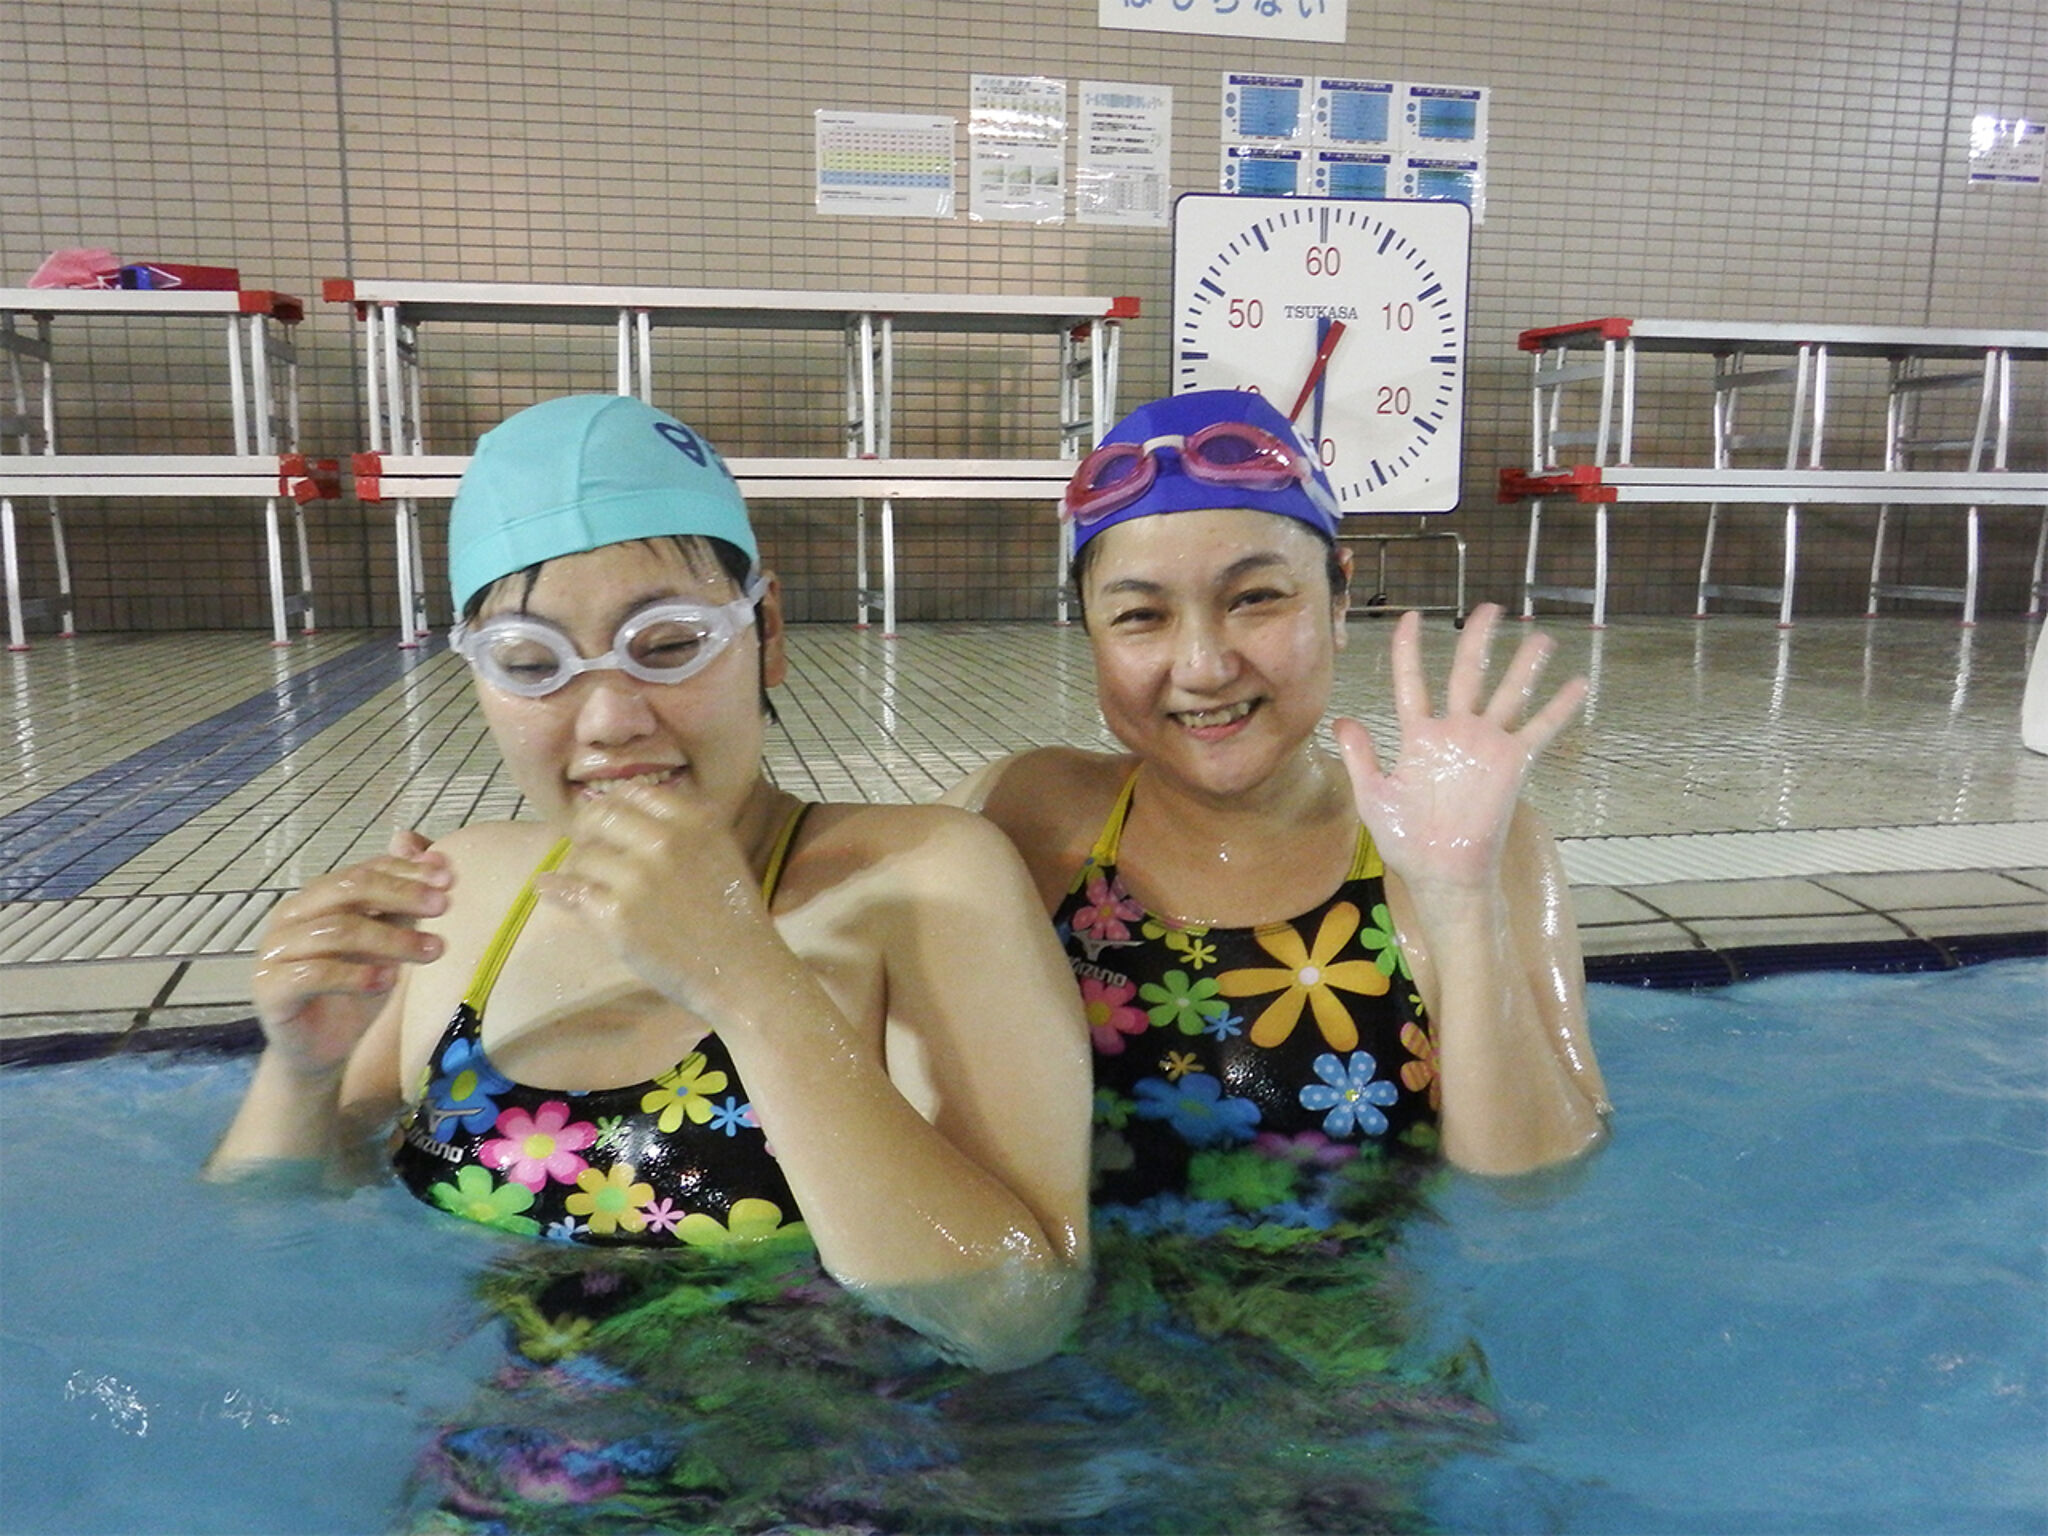 プール・ボランティアと一緒に泳ぐ仲間の画像